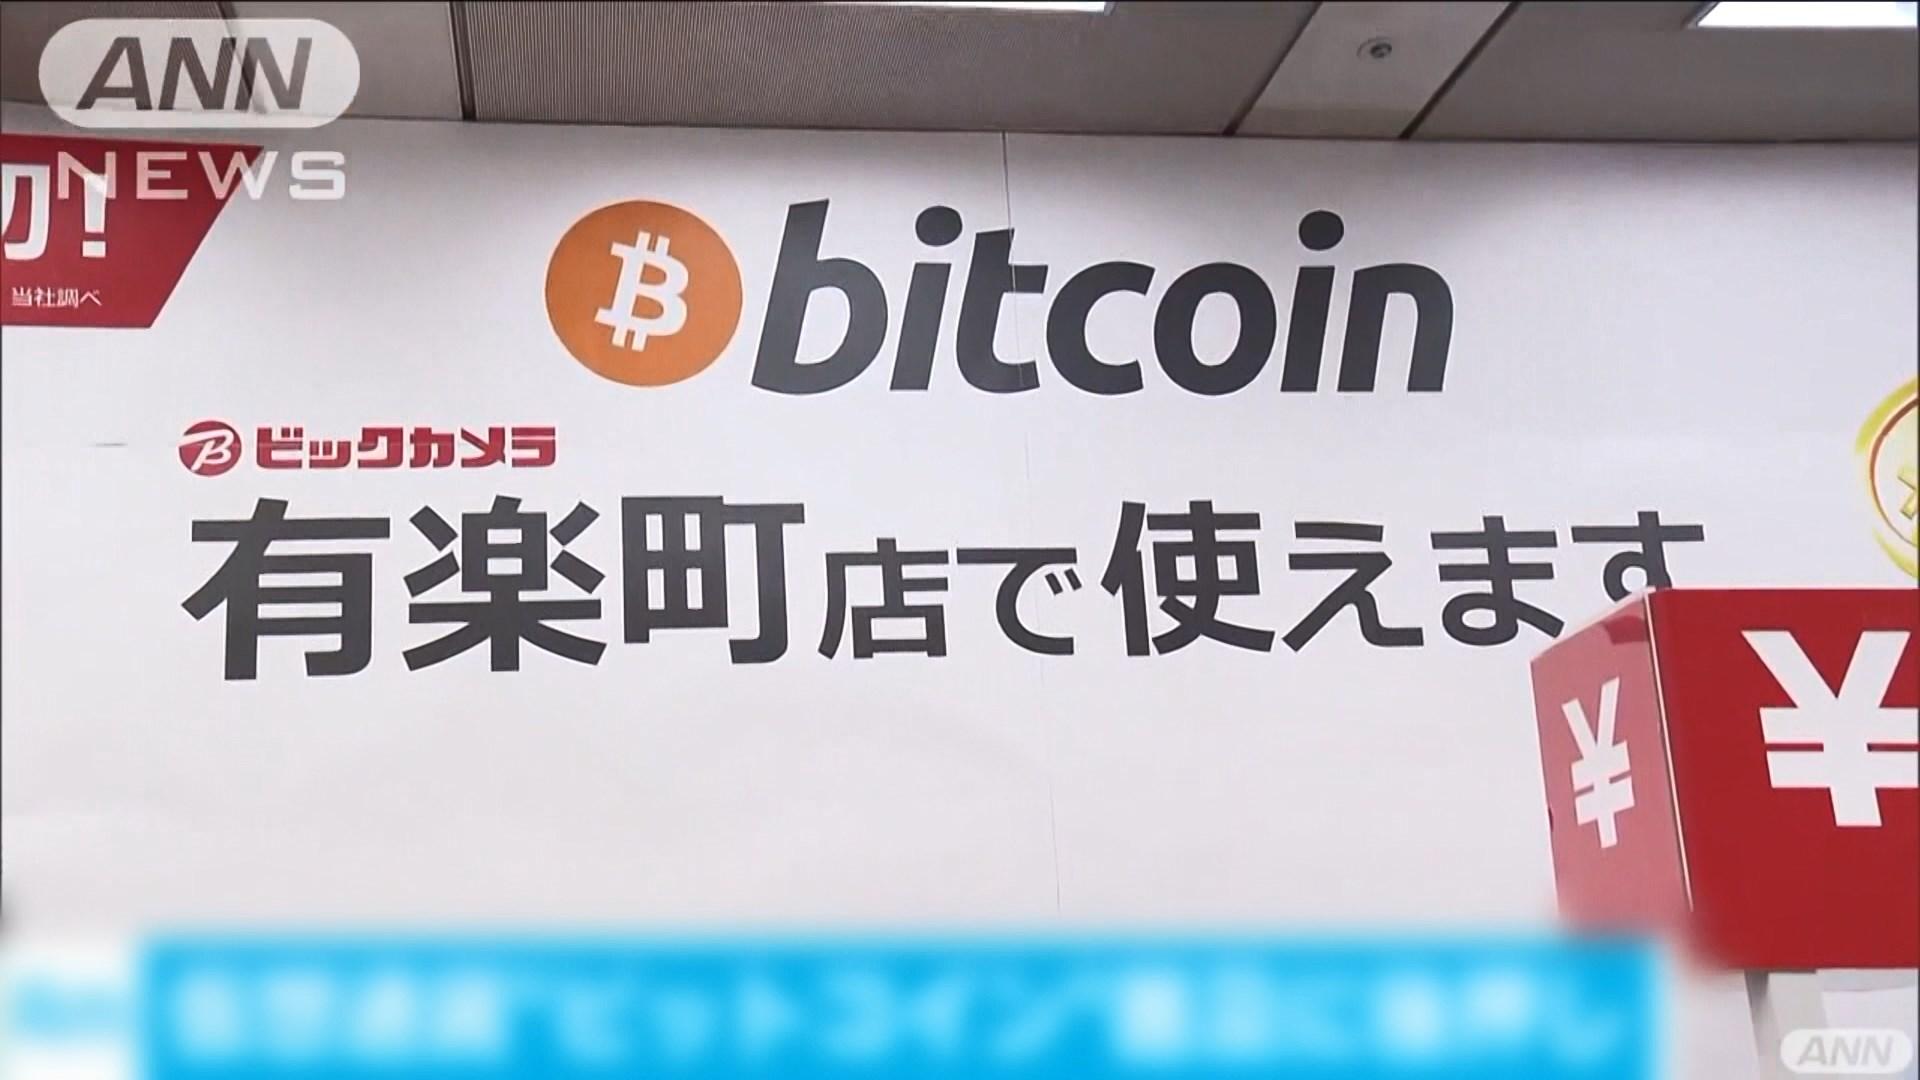 日本三年前起接受比特幣支付交易